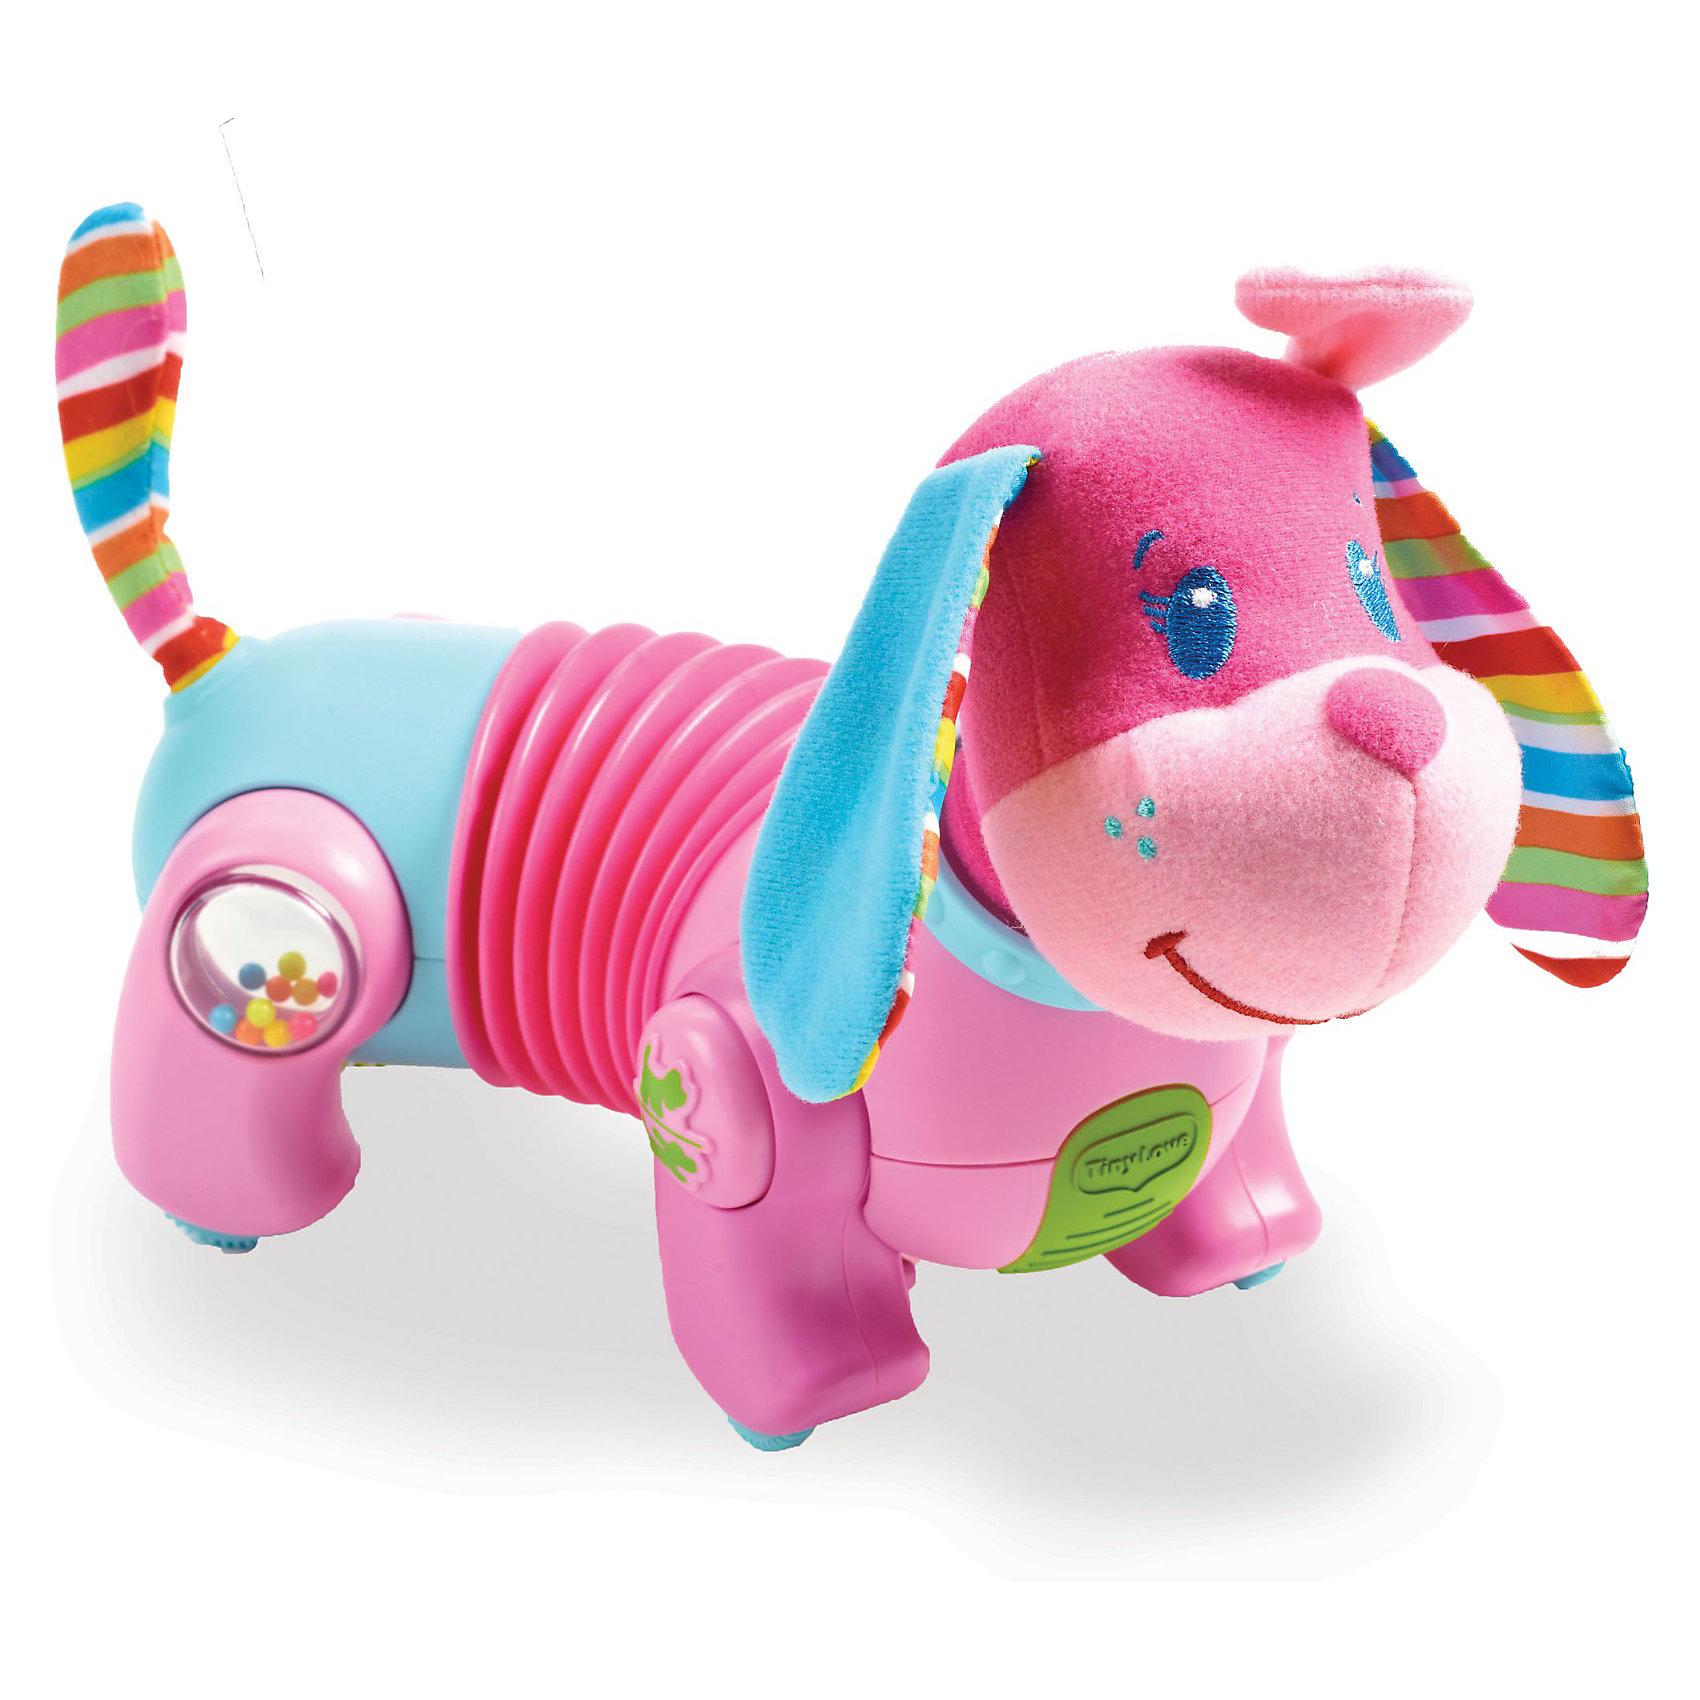 Игрушка-собачка Фиона Догони меня (новый дизайн), Tiny LoveИнтерактивные игрушки для малышей<br>Игрушка-собачка Фиона Догони меня (новый дизайн), Tiny Love (Тини Лав)<br><br> Малыши в возрасте от 6 месяцев с восторгом будут ползать вслед за маленькой собачкой Фионой «Догони меня». Интерактивный щенок ФИОНА «Иди за мной!» побуждает малыша ползать и ходить. Теперь в новом дизайне с забавной мордочкой, выполненной в стиле АНИМЕ.<br><br> Фиона станет верной спутницей тех малышей, которые уже начали ползать и исследовать окружающий мир, и тех, кому это дается пока с трудом, потому что скорость Фионы регулируется.  Розовая собачка Фиона «Догони меня»  особенно привлечет маленьких девочек. Стоит малышу прикоснуться к собачке - как она начнет двигаться, приглашая ребенка следовать за ней. Лаем Фиона не даст малышу о себе забыть, чтобы он продолжал ползать за ней и с ней играть. Благодаря подвижной средней части туловища собачке можно задавать различные направления движения вправо и влево. Эта особенность привлечёт к собачке внимание малышей самого разного возраста. Фиона может, например, бегать по кругу, чтобы показать малышу, который учится ползать, как передвигаться.<br> А для тех деток, которые уже хорошо ползают, можно настроить собачку на прямолинейное движение, чтобы они могли следовать за своей спутницей по всей комнате.<br>Во все лапки собачки встроены различные интерактивные функции, например, маленькое зеркальце, звуковые эффекты и прочее.  <br><br>Собачка развивает мелкую и крупную моторику, органы чувств, мировосприятие и эмоциональную сферу ребенка.<br><br>Дополнительно:<br>- Кнопка с изображением лапы позволяет регулировать скорость движения игрушки. <br>- Для работы нужны батарейки АААх3 (в комплект не входят).<br>- Размер игрушки: 20х25х12 см.<br>- Упаковка товара - Открытая подарочная коробка.<br>- Регулятор громкости (доступен беззвучный режим).<br><br>Игрушку-собачку Фиона Догони меня, Tiny Love (Тини Лав) можно купить в нашем интернет - магазине.<br><br>